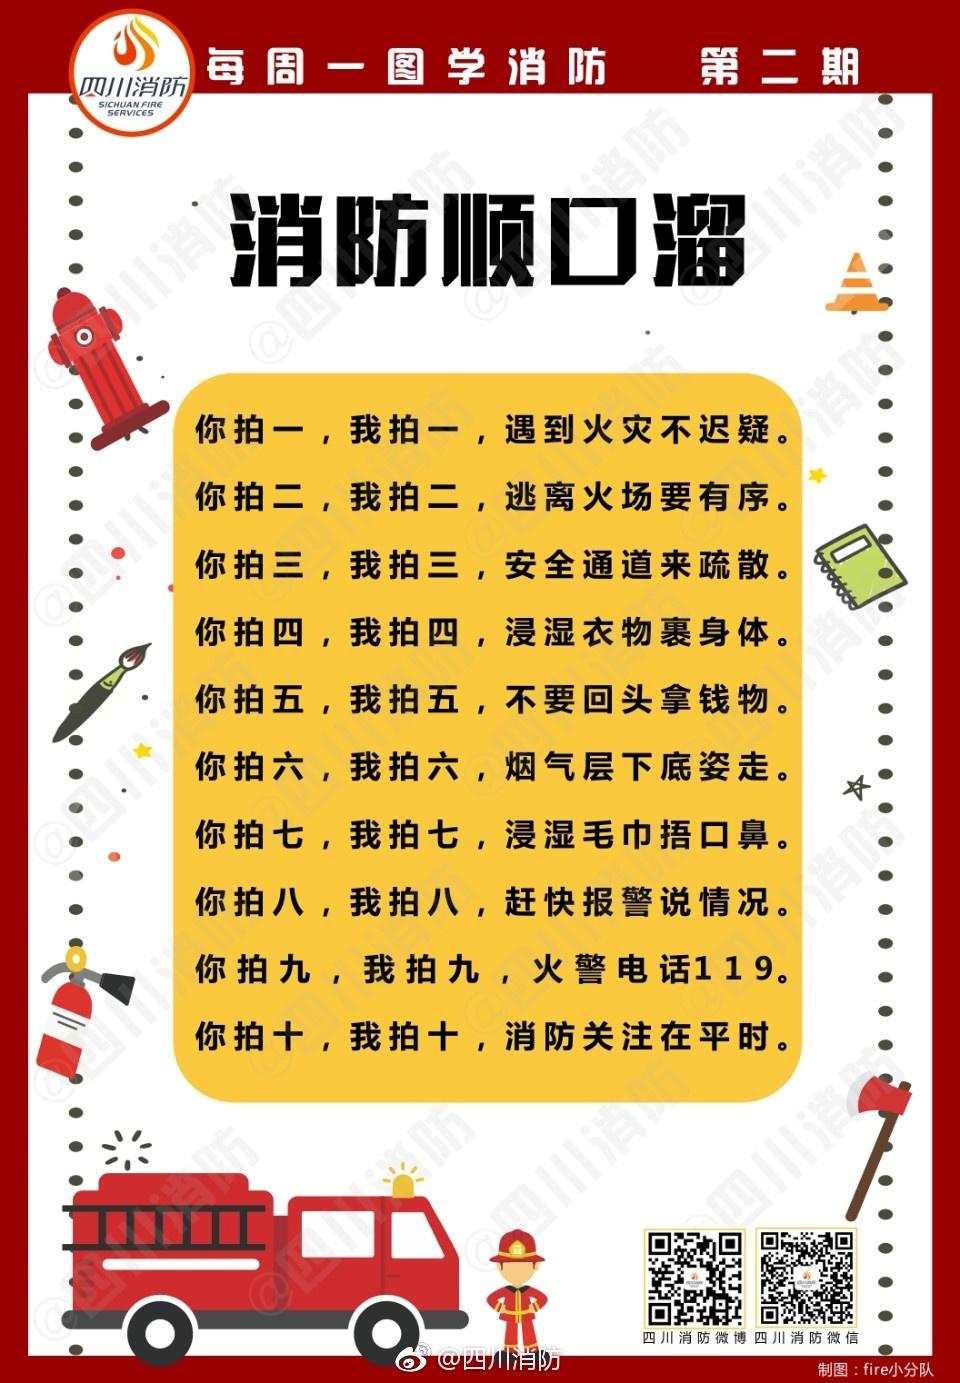 中國14個鄰國的順口溜-